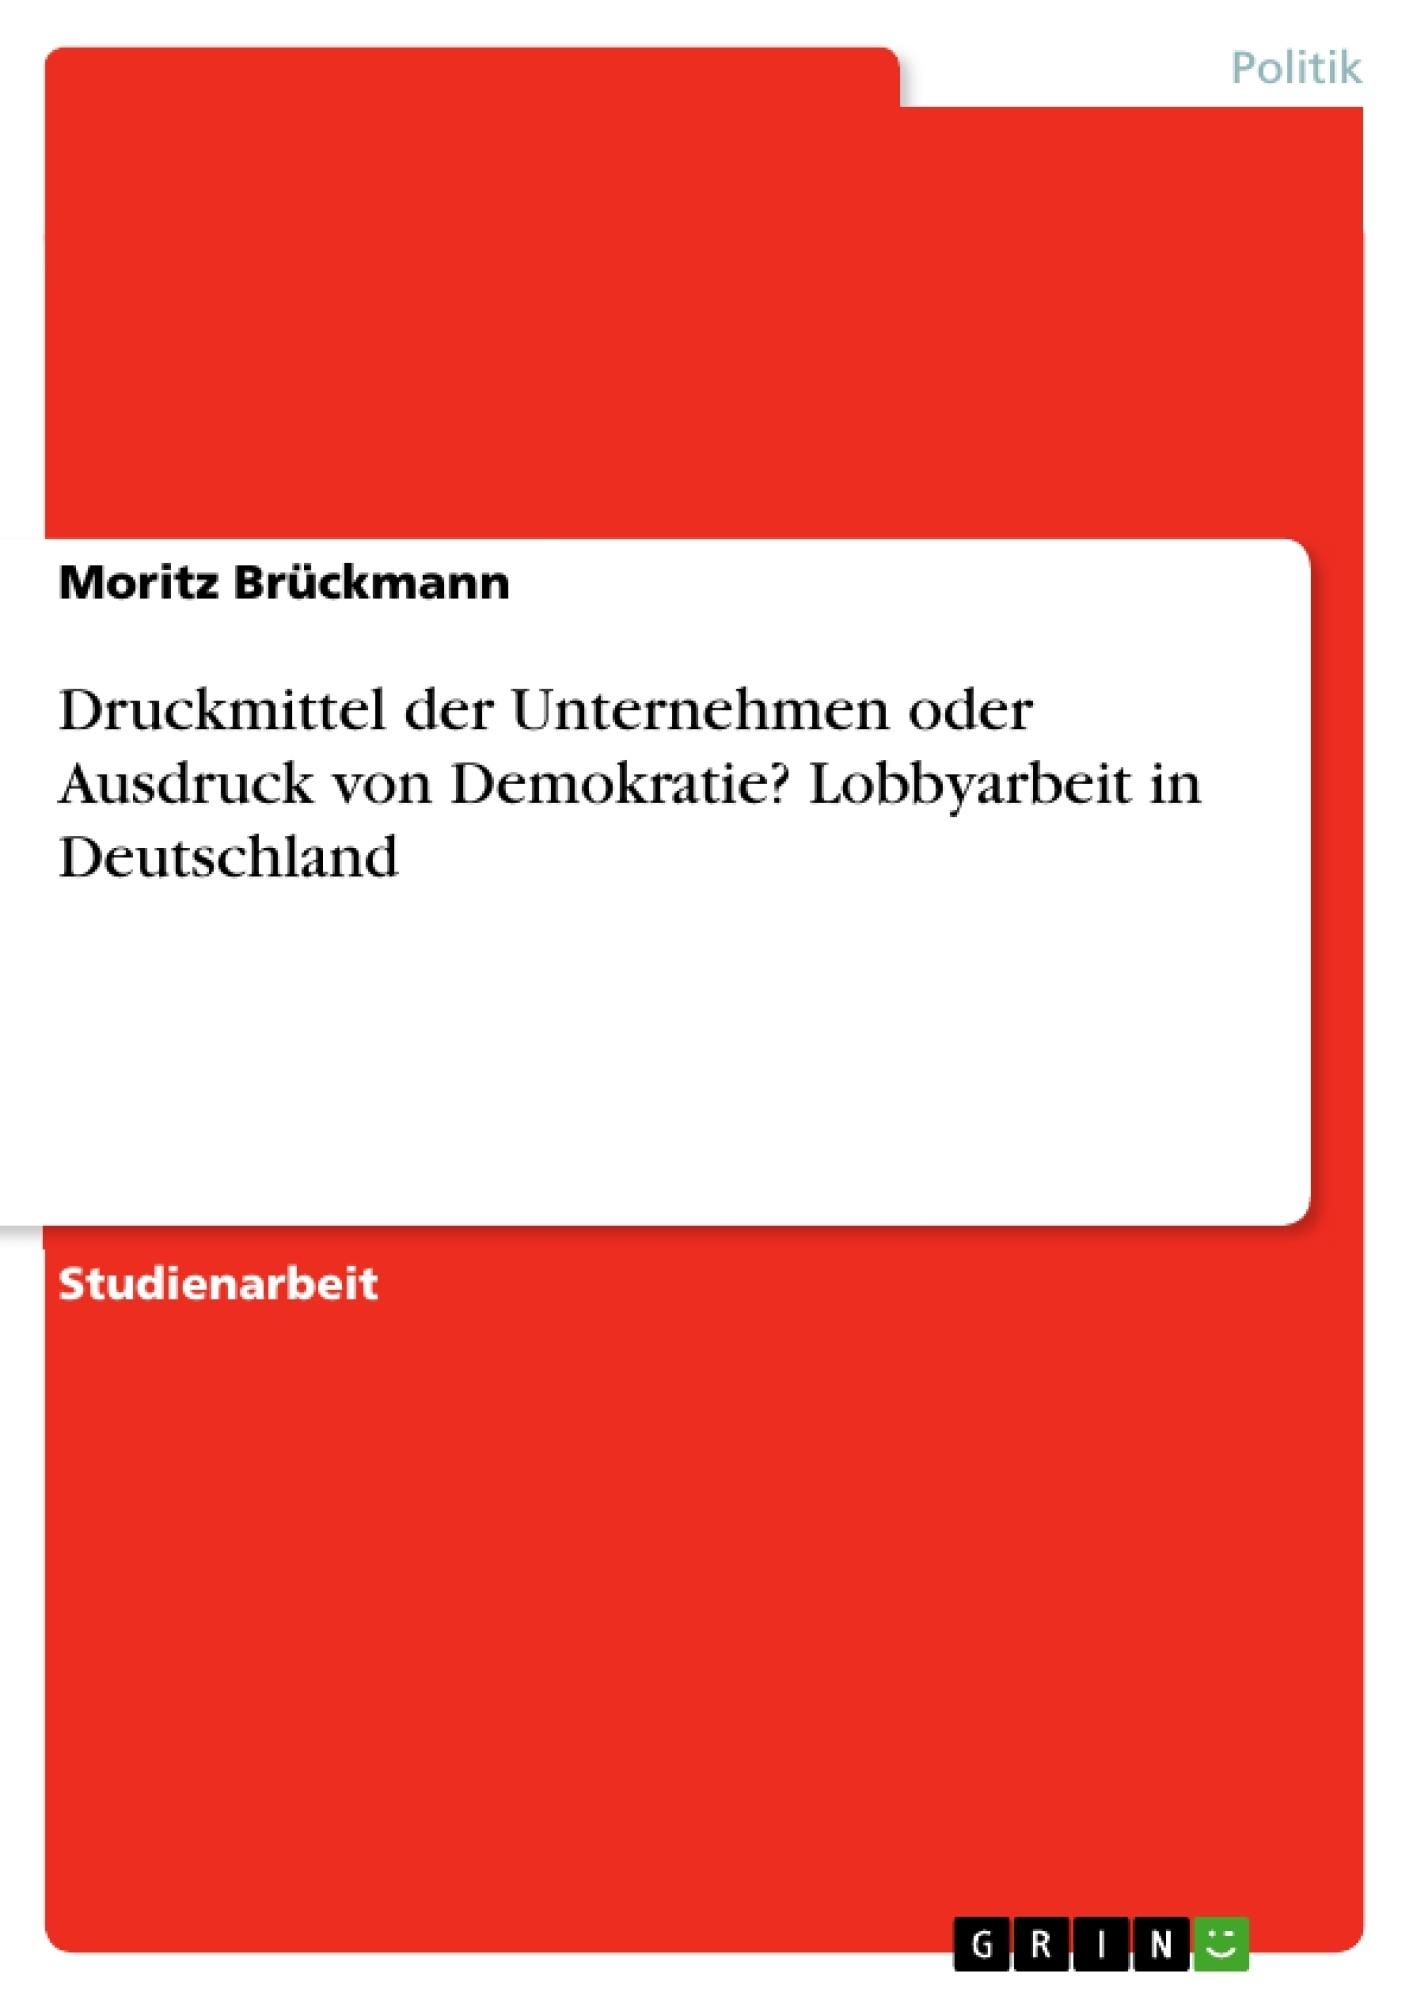 Titel: Druckmittel der Unternehmen oder Ausdruck von Demokratie? Lobbyarbeit in Deutschland